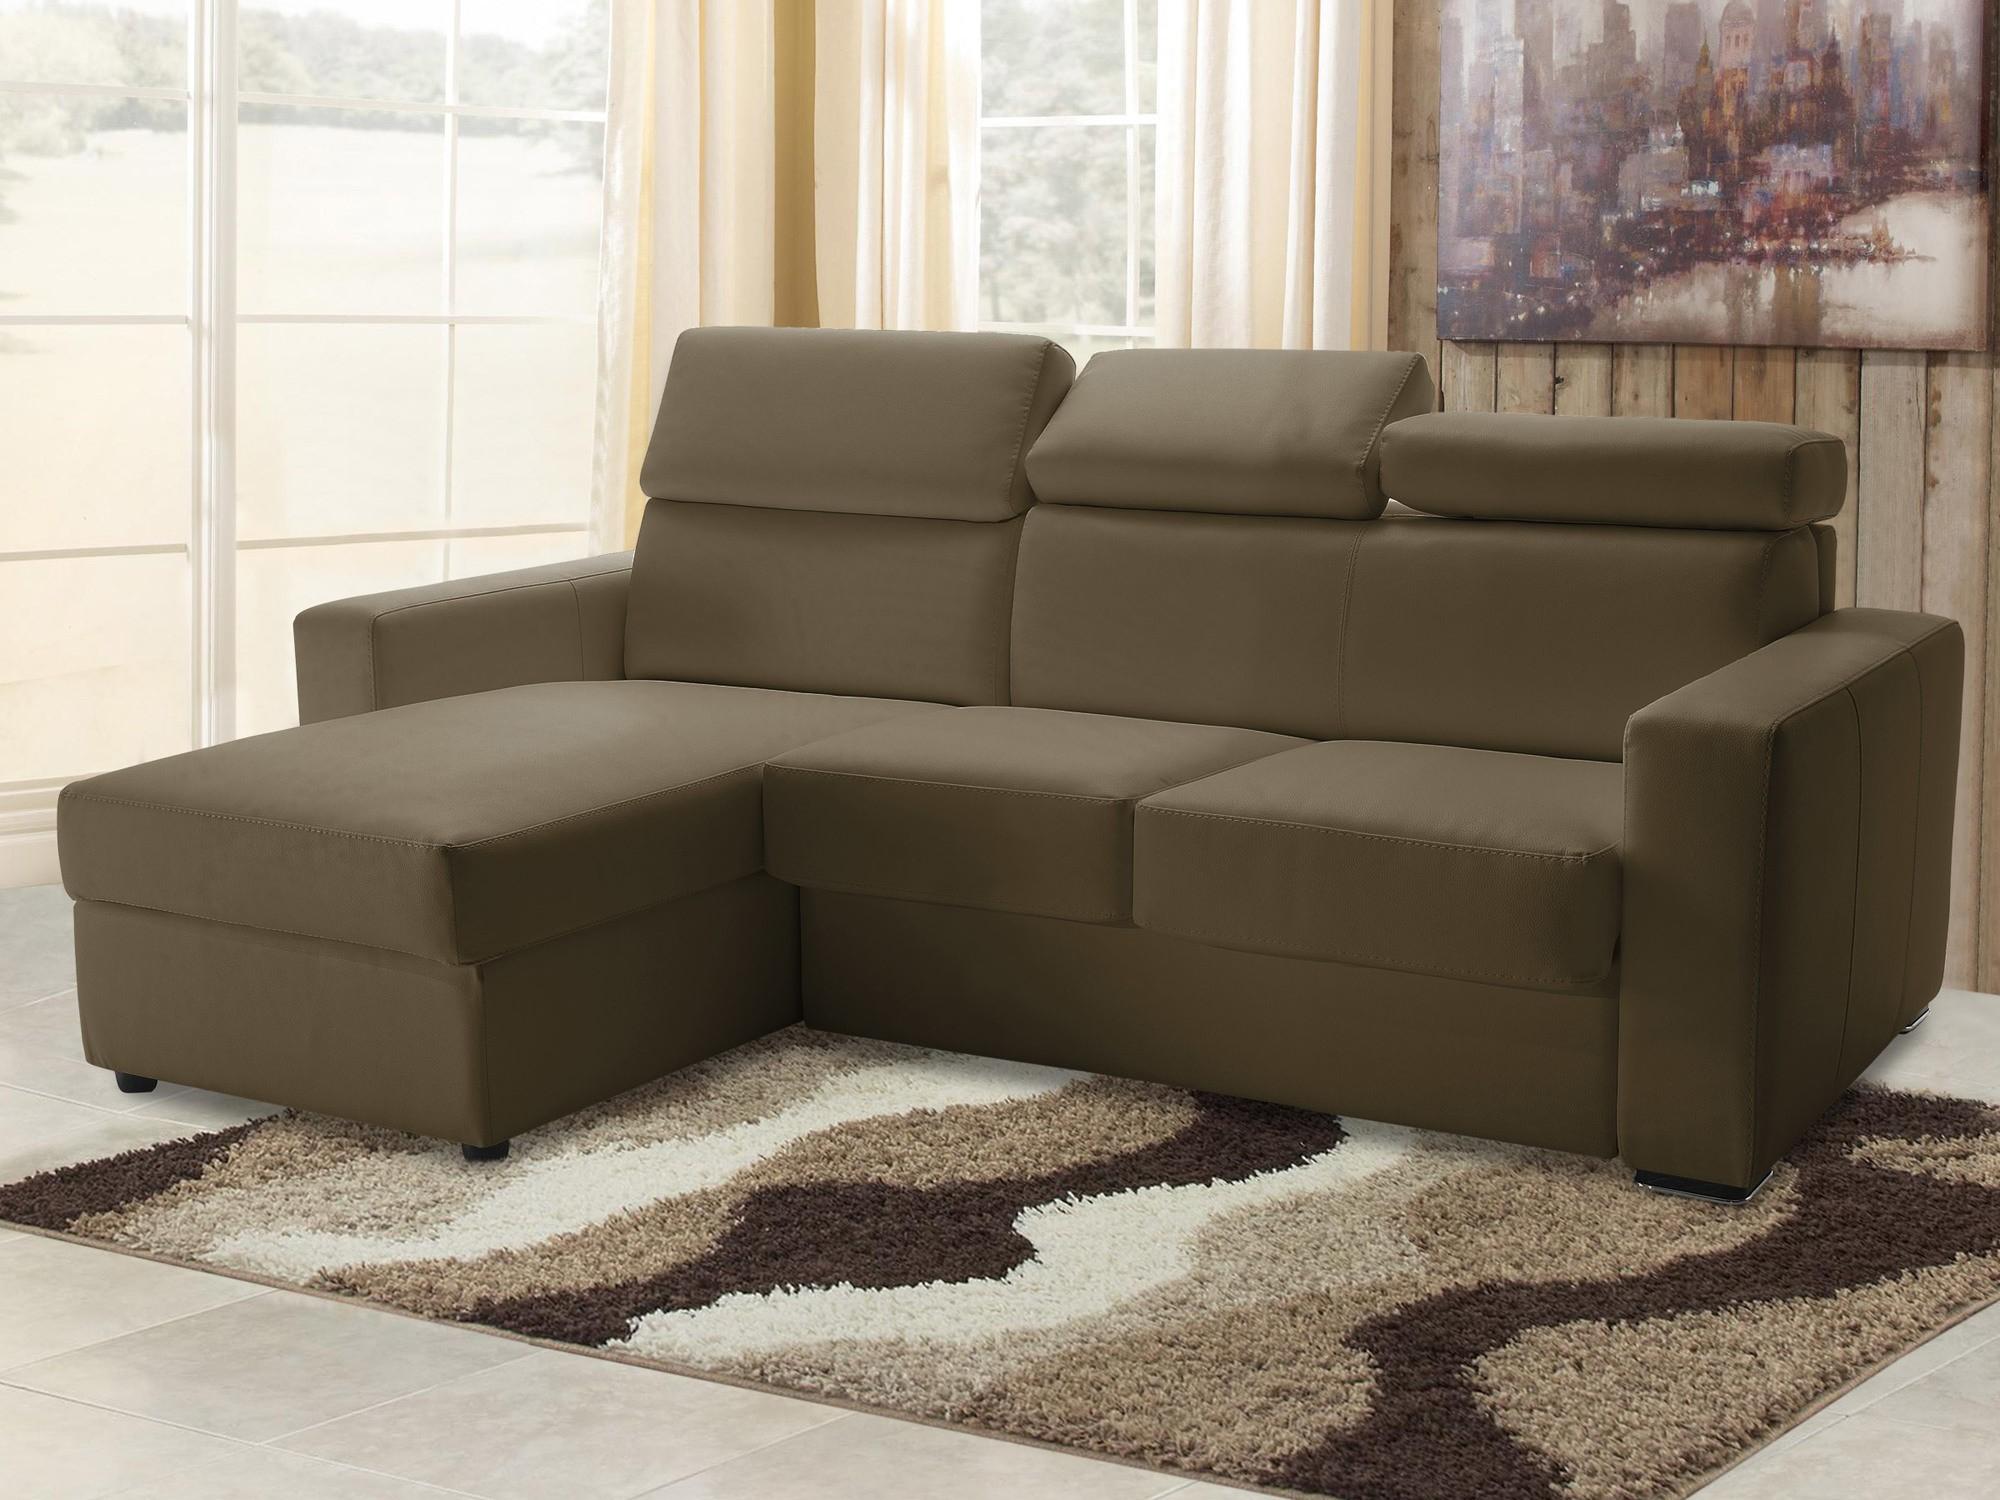 Canapé D'angle Modulable En Cuir Réva